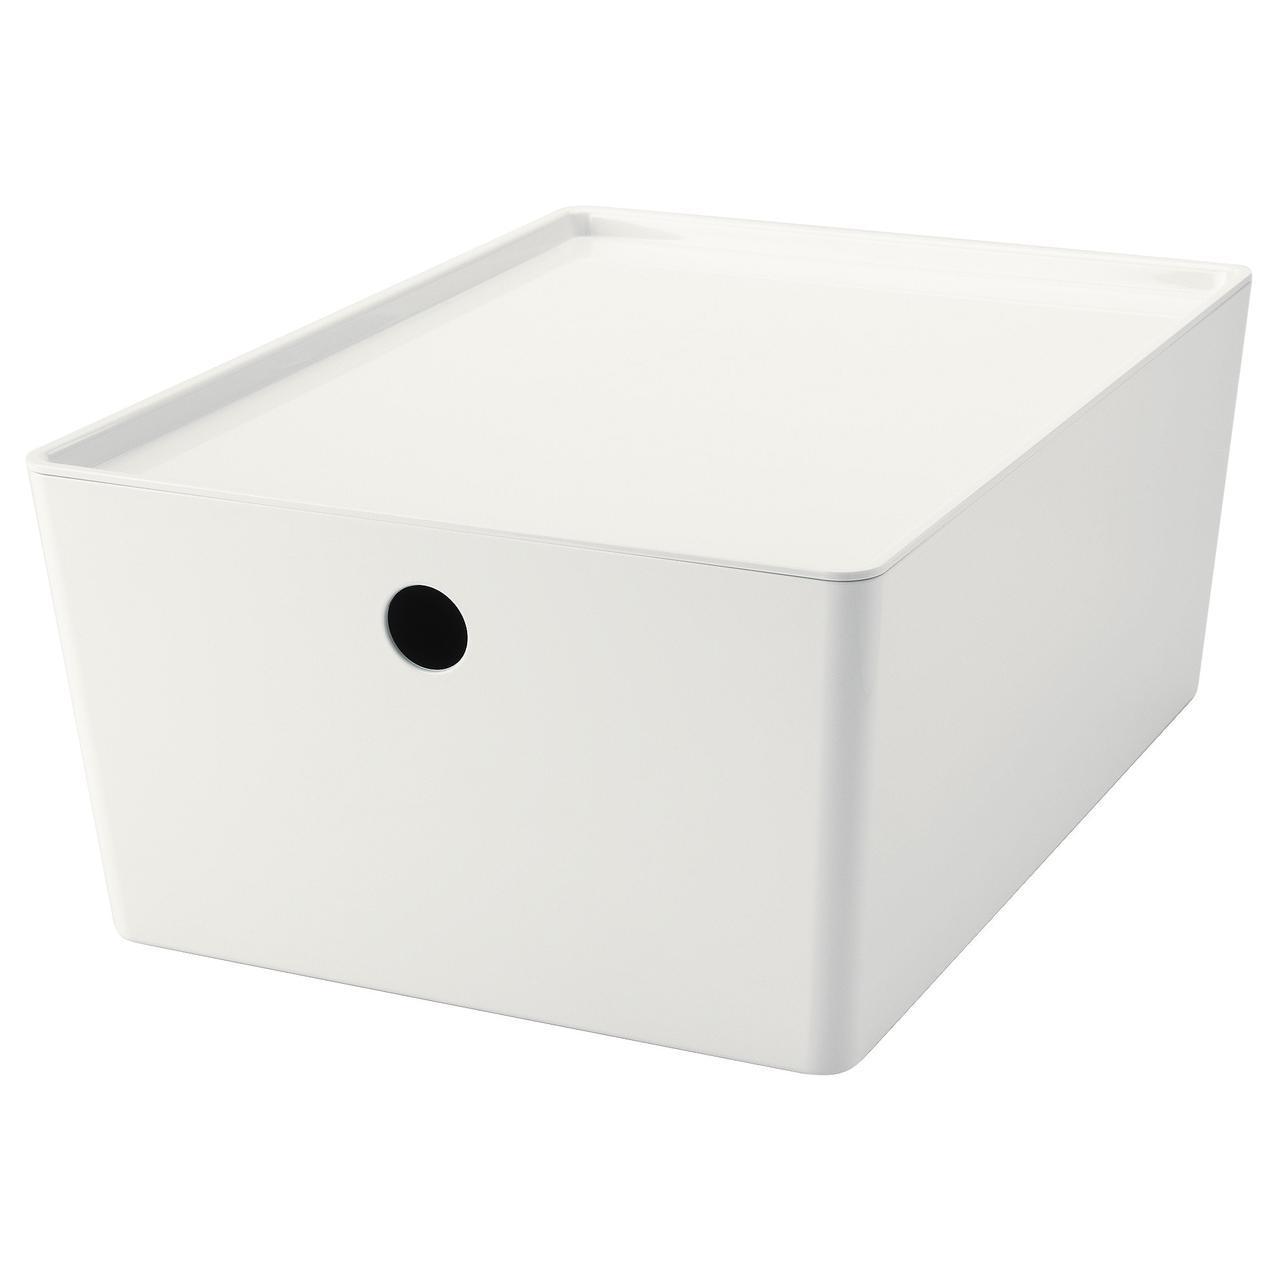 IKEA KUGGIS (602.802.05) Коробка с крышкой, белая